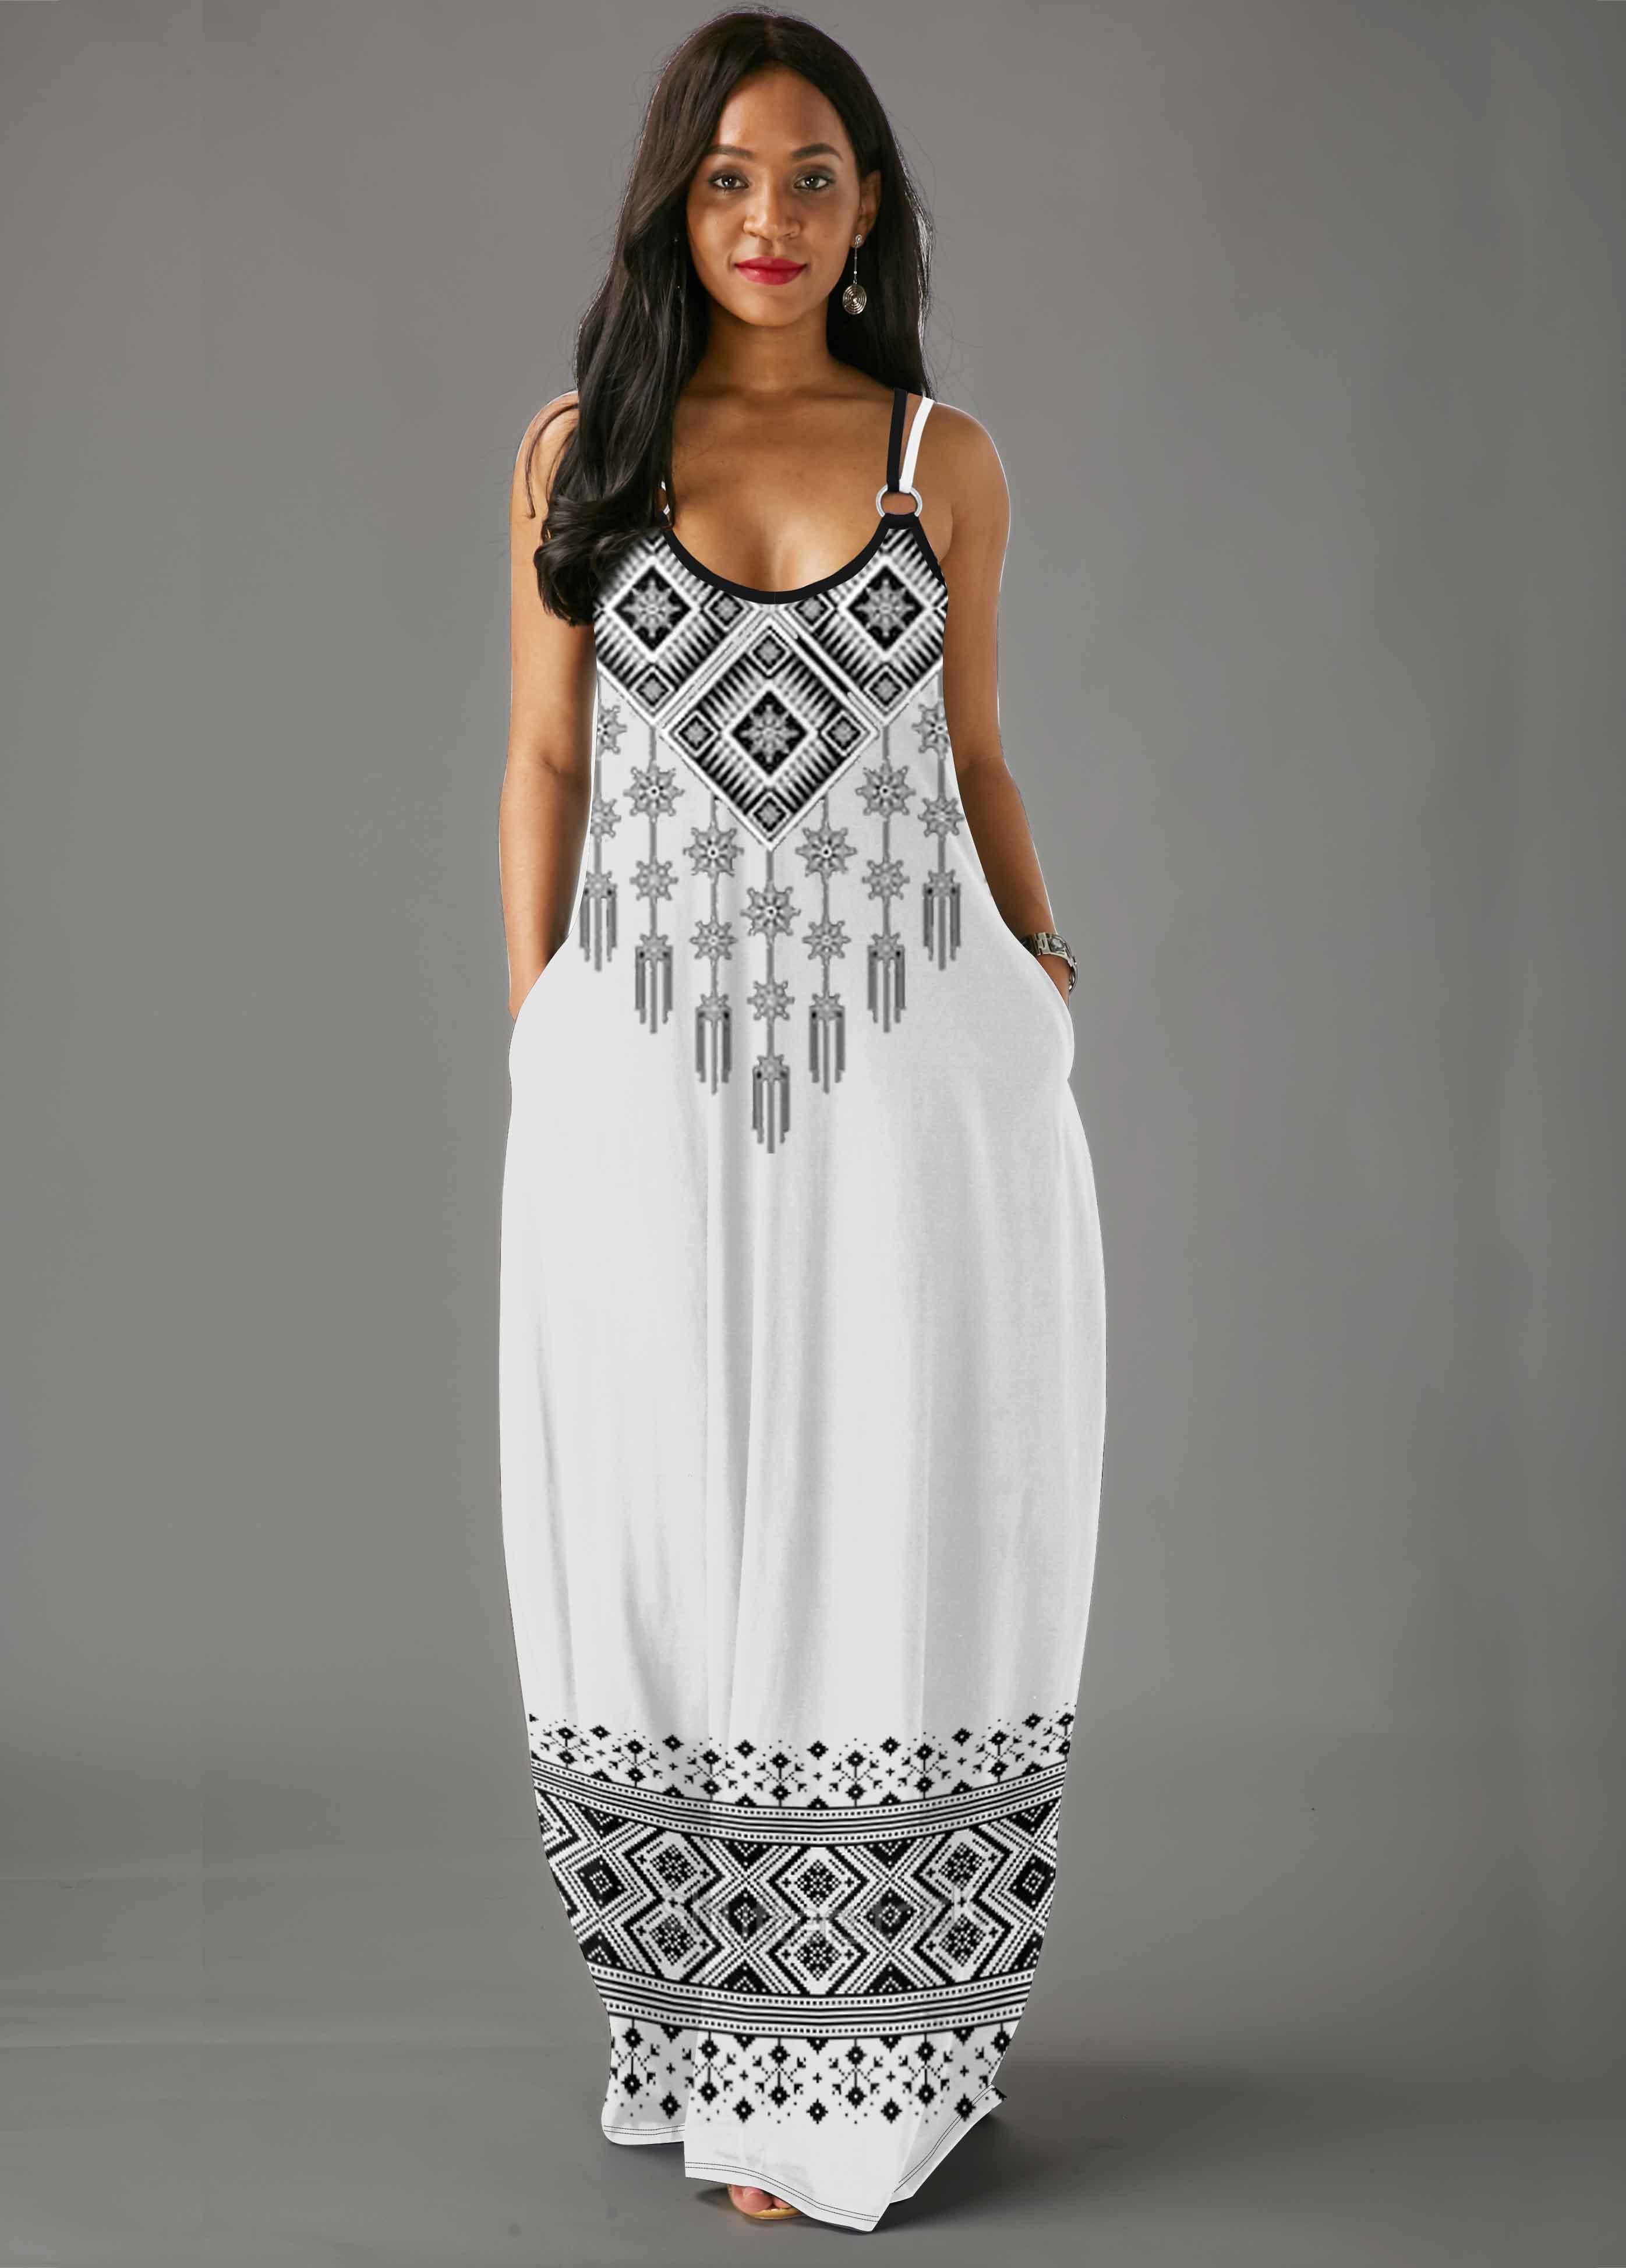 ROTITA Tribal Print Sleeveless White Straps Maxi Dress